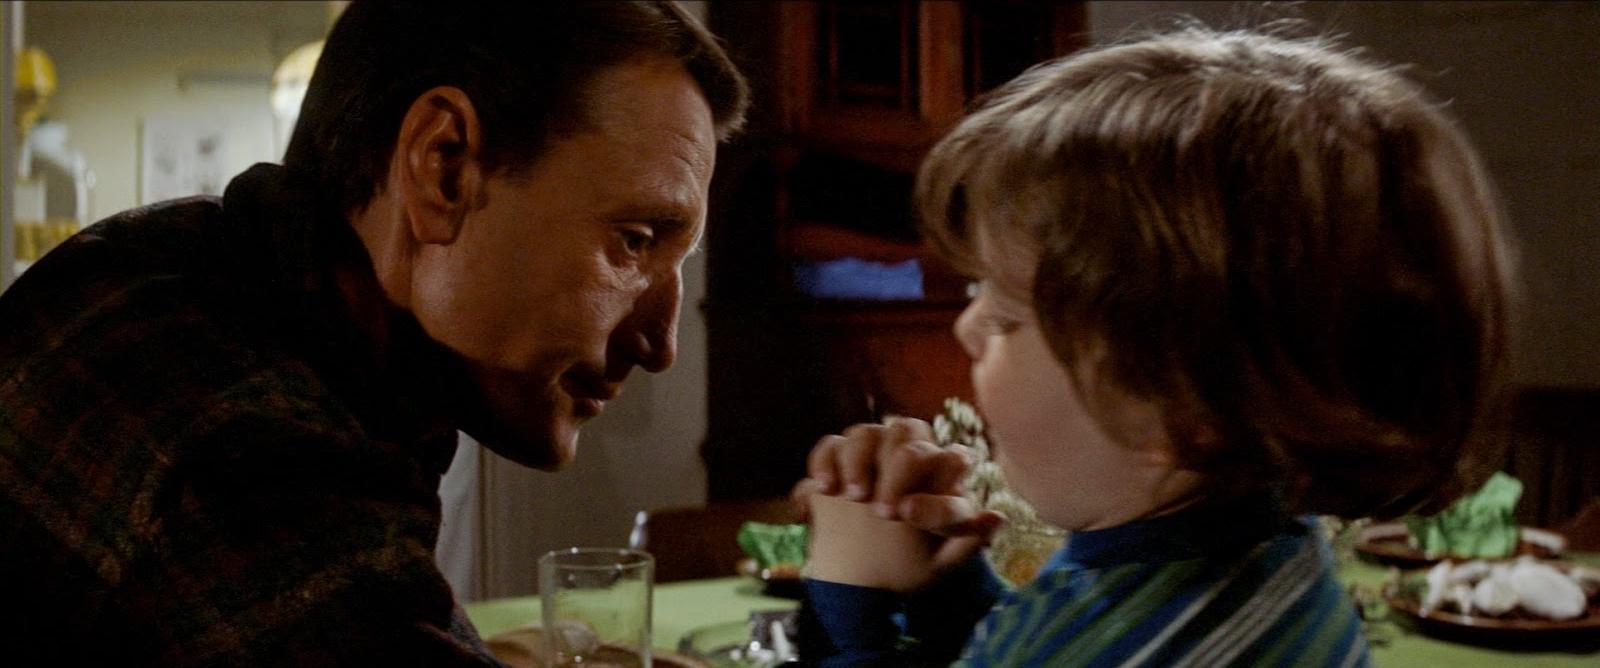 El personaje de  Tiburón  ( Jaws , Spielberg, 1975) decide actuar y enfrentarse a sus miedos con un beso.